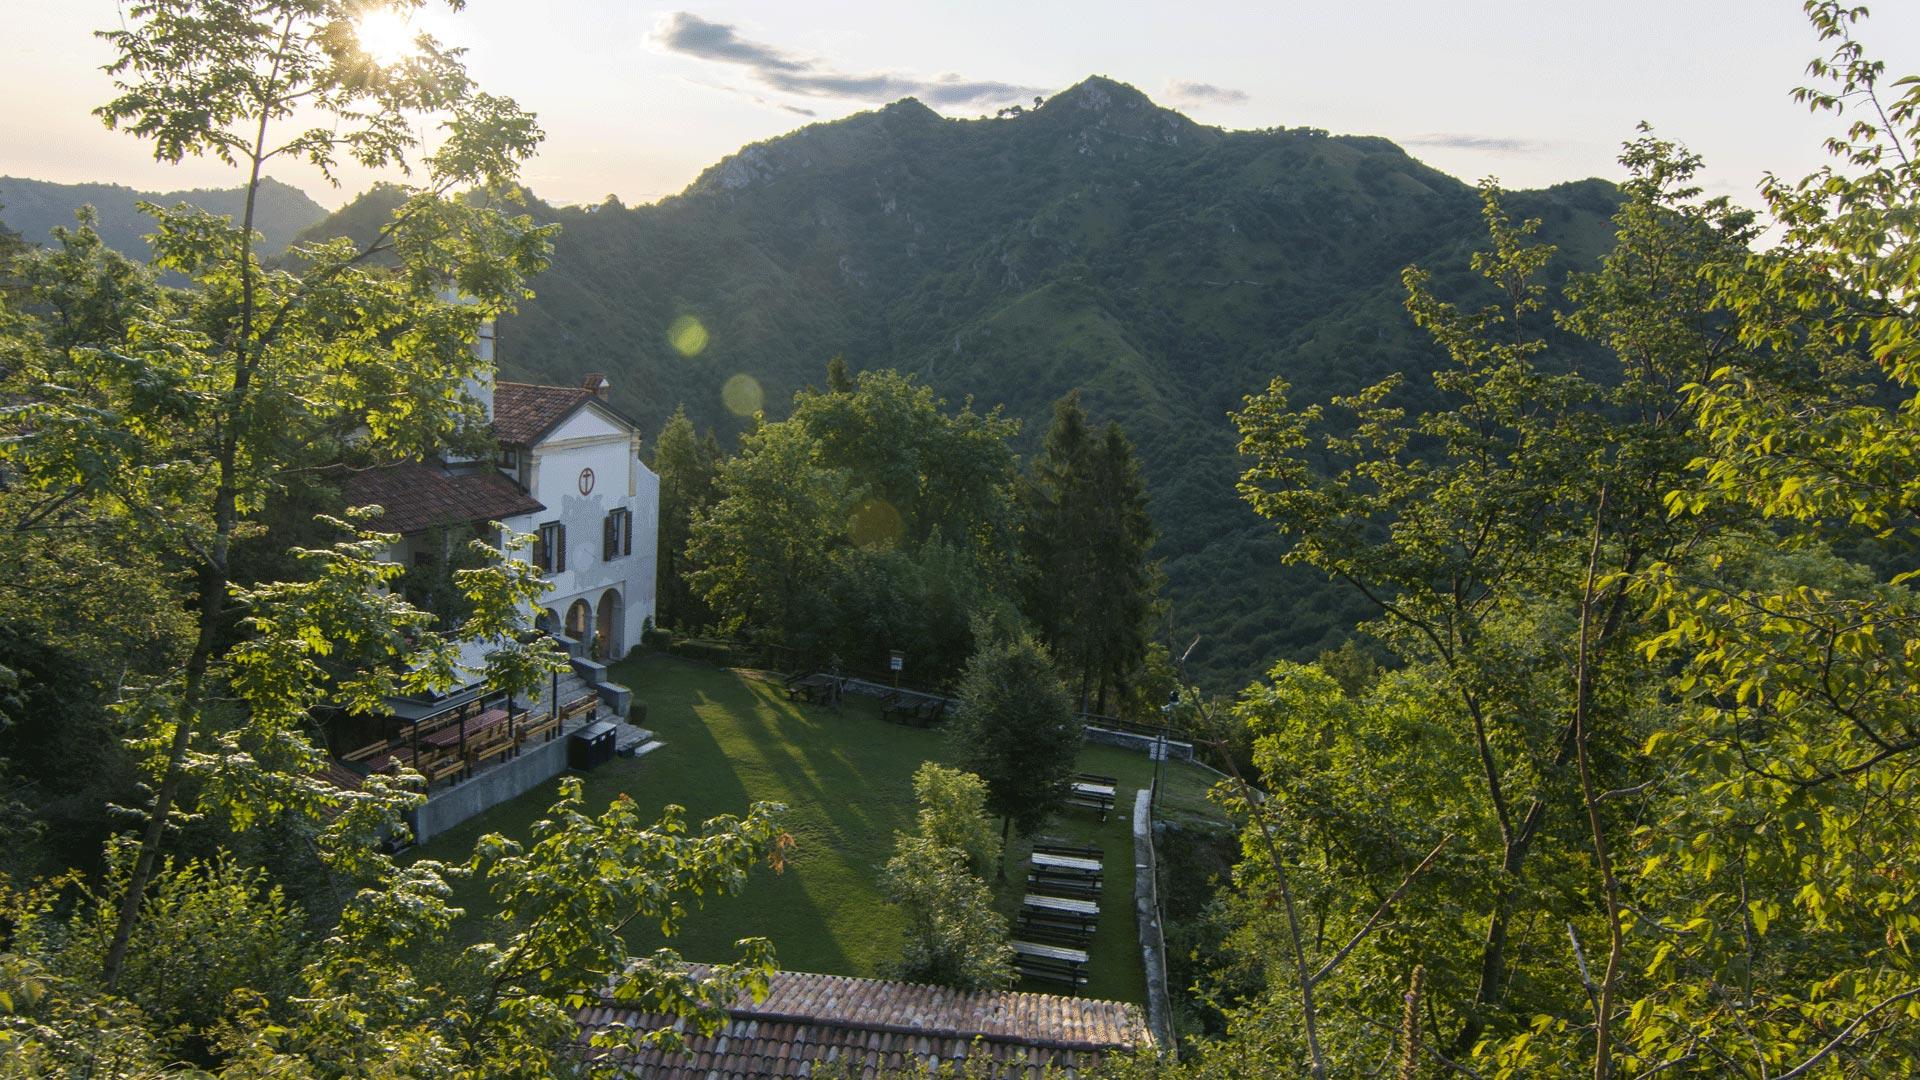 Uno scorcio dall'alto del santuario di Sant'Emiliano